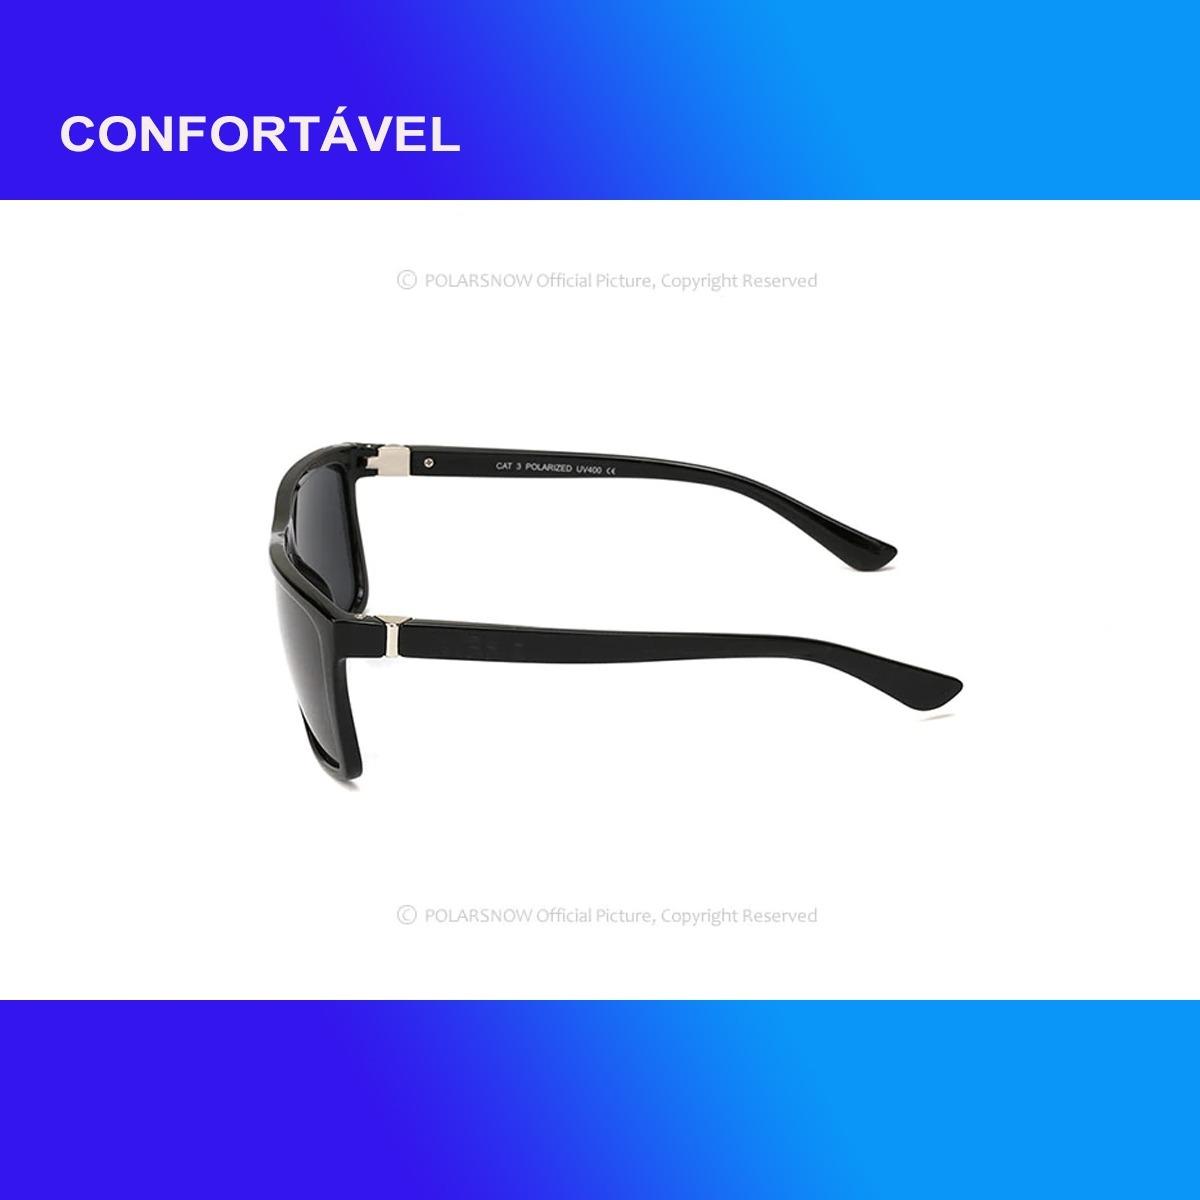 c7eab5f554b33 Óculos Escuros Masculino Polarizado Proteção Uv400 - R  70,00 em ...